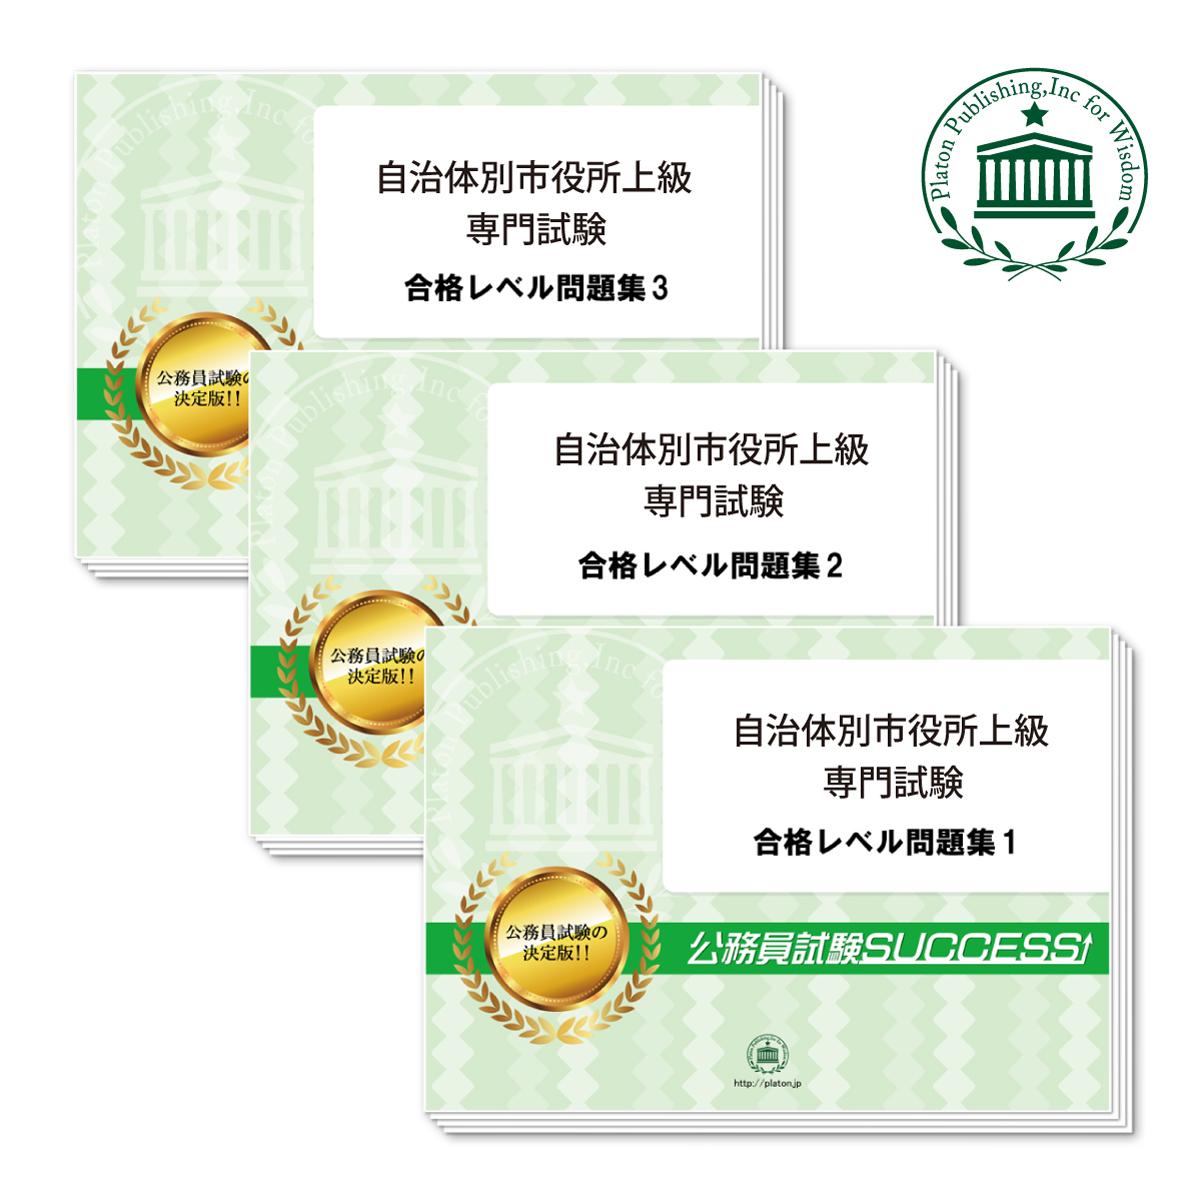 送料 代引手数料無料 下関市職員採用 3冊 格安 上級:事務系 専門試験合格セット 春の新作続々